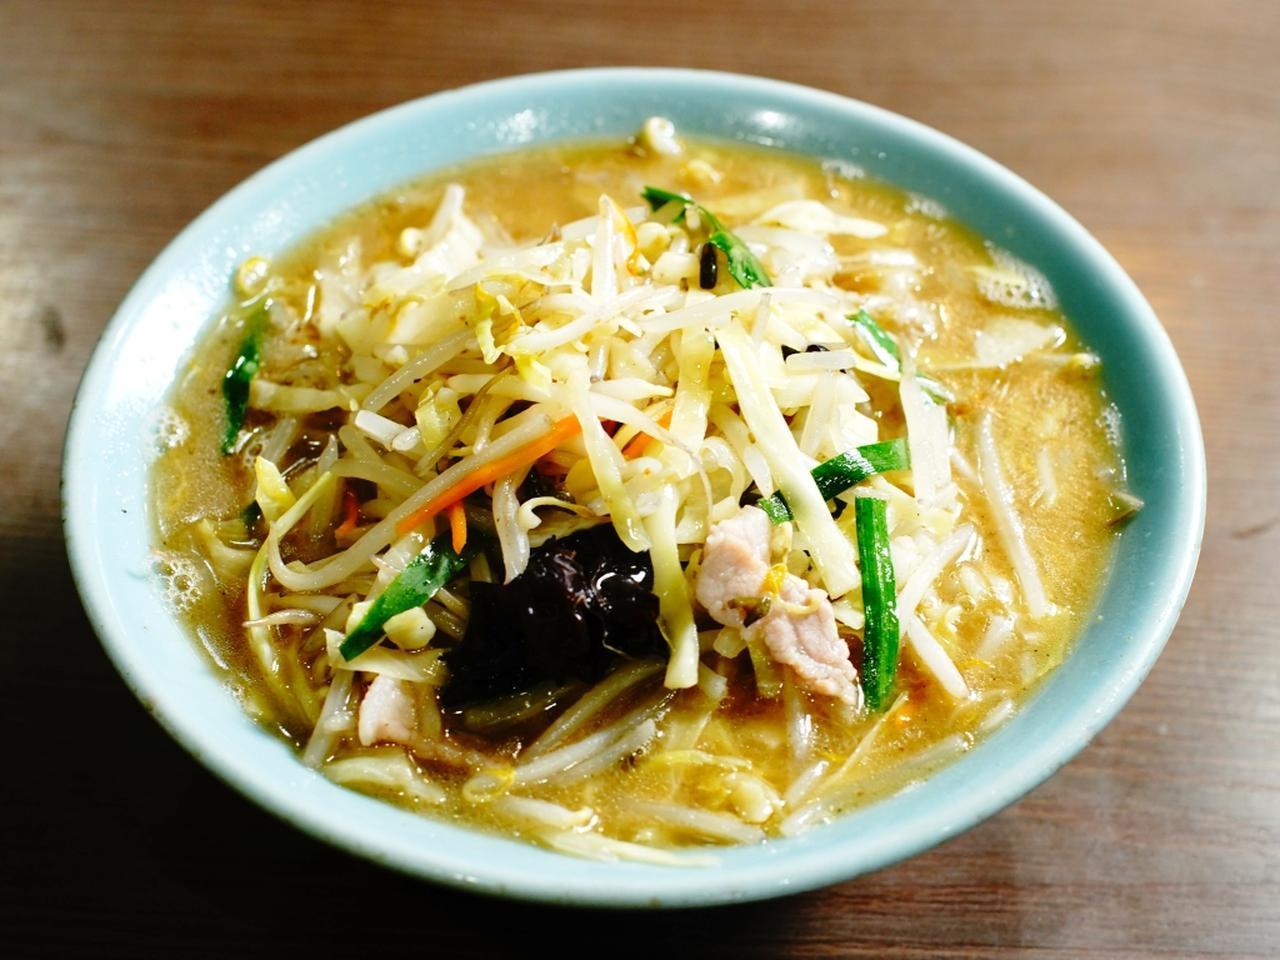 画像: もうひとつのウリは「タンメン(720円)」 縮れ麺によく絡む深い甘みと濃厚なコクの秘密は、鶏ガラベースのスープに染み出した野菜のダシ